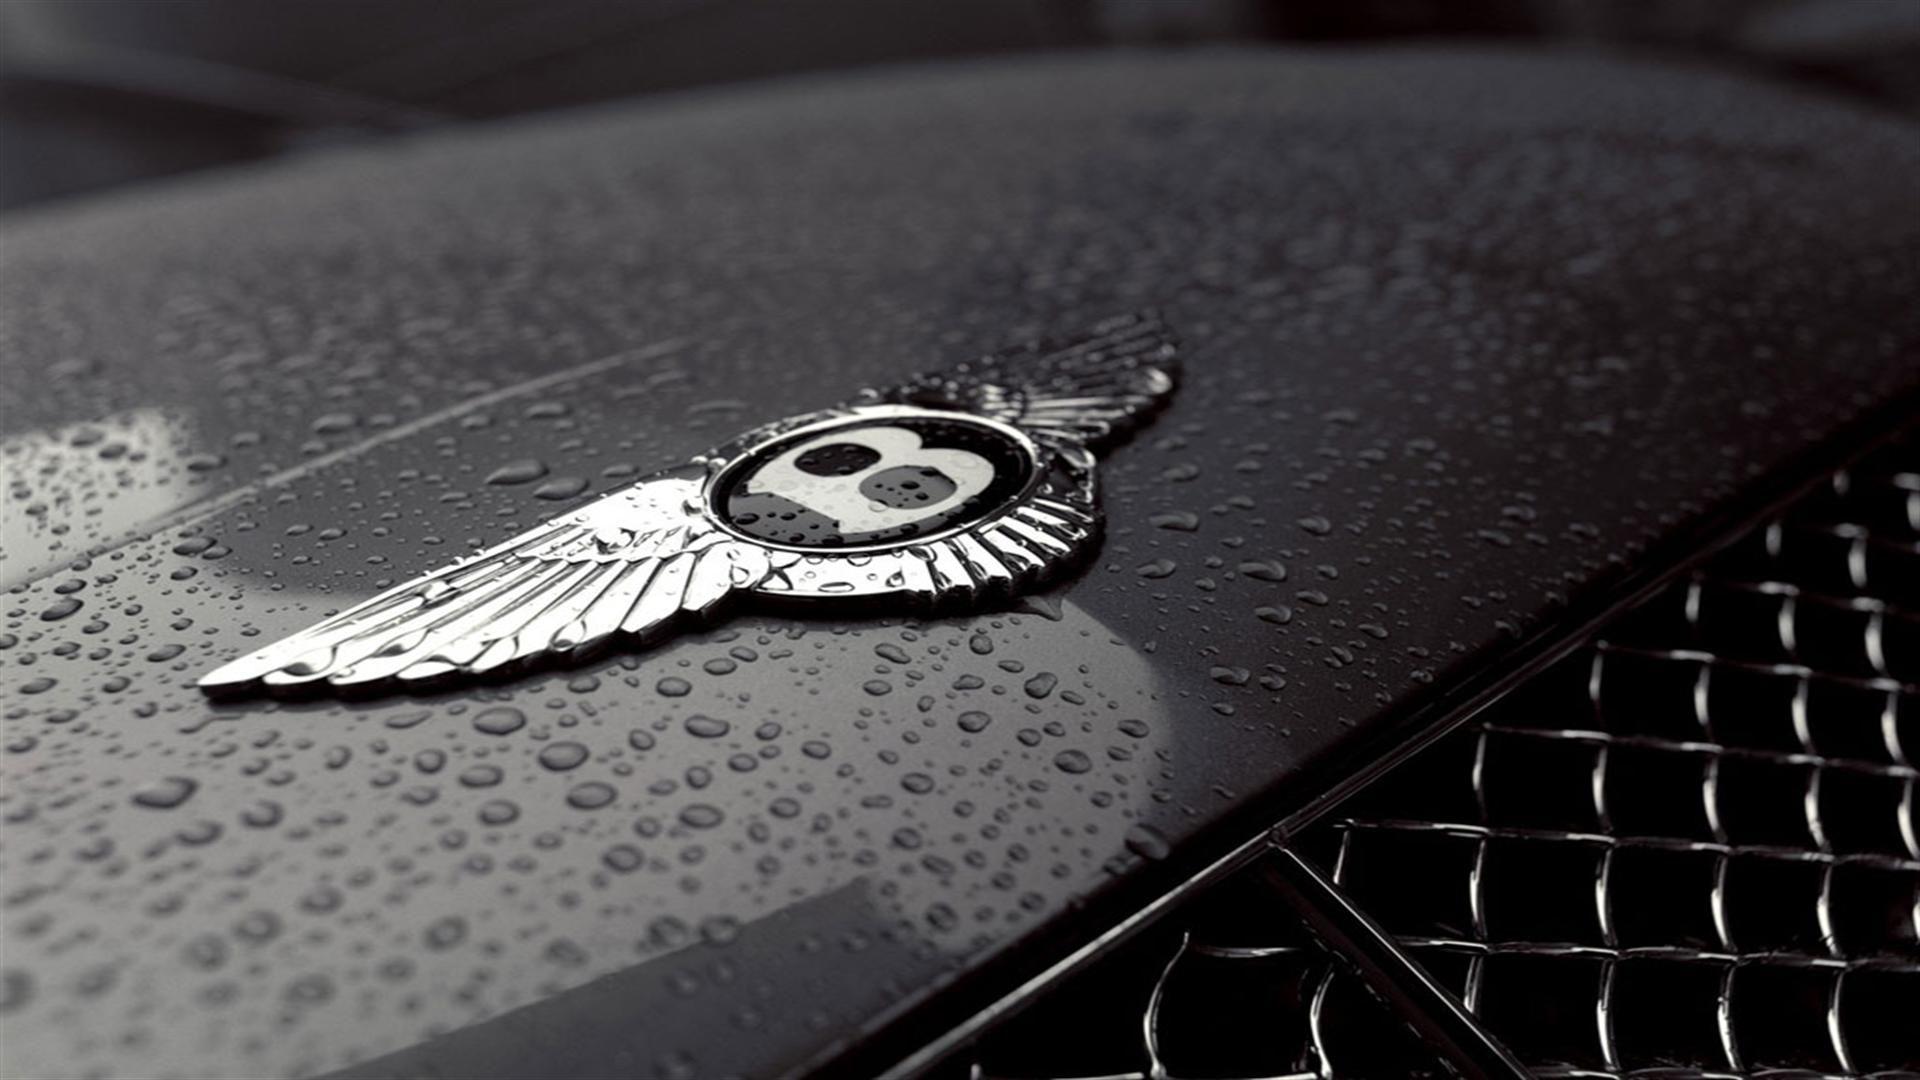 Bentley Logo High Resolution Wallpaper 1080p Hd High Resolution